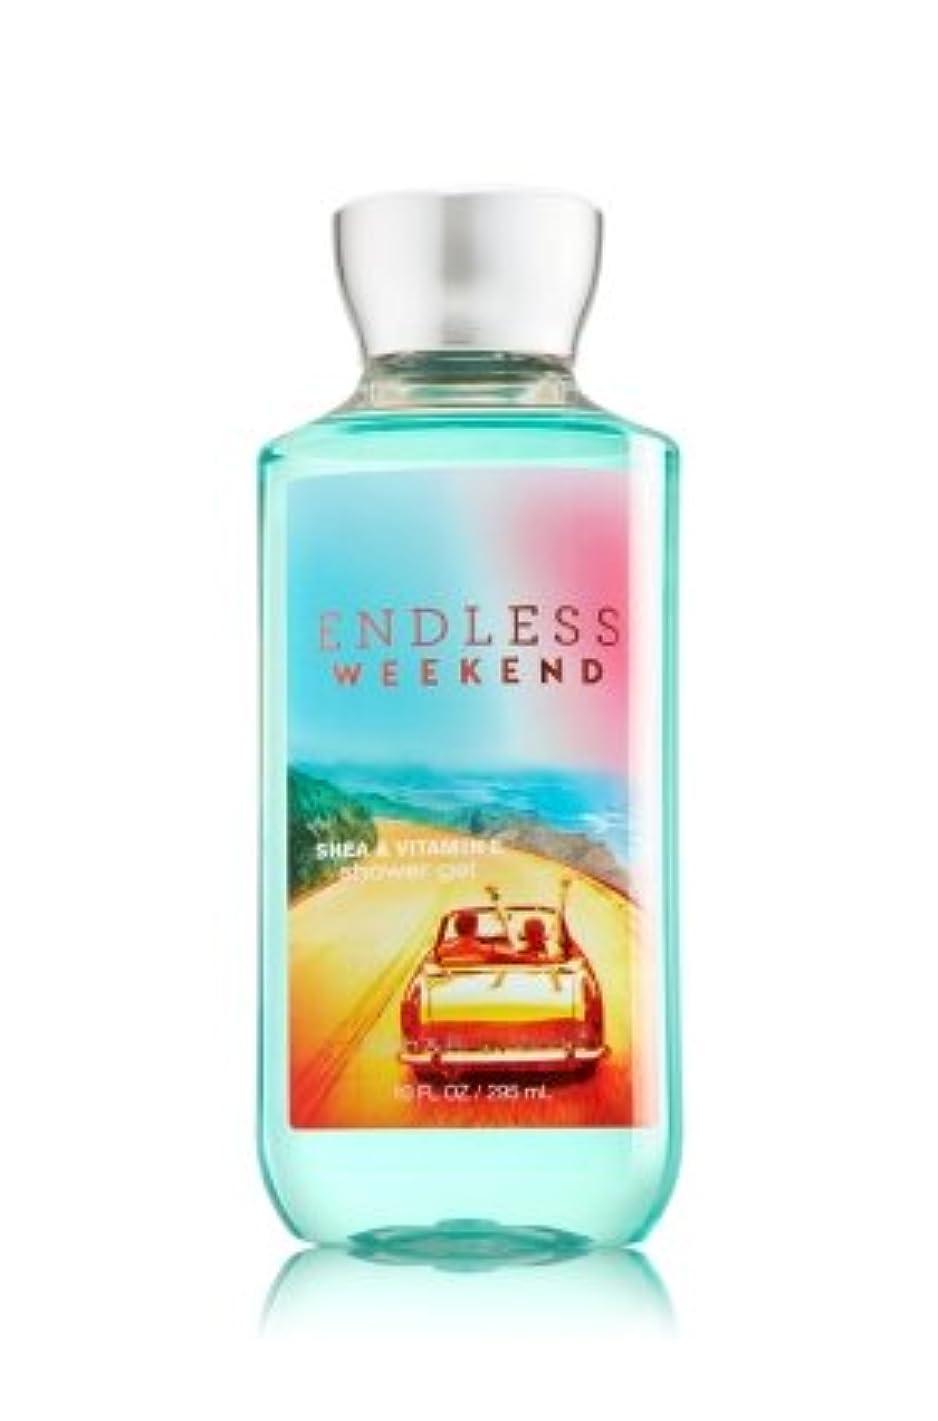 環境に優しい手伝うオーク【Bath&Body Works/バス&ボディワークス】 シャワージェル エンドレスウィークエンド Shower Gel Endless Weekend 10 fl oz / 295 mL [並行輸入品]